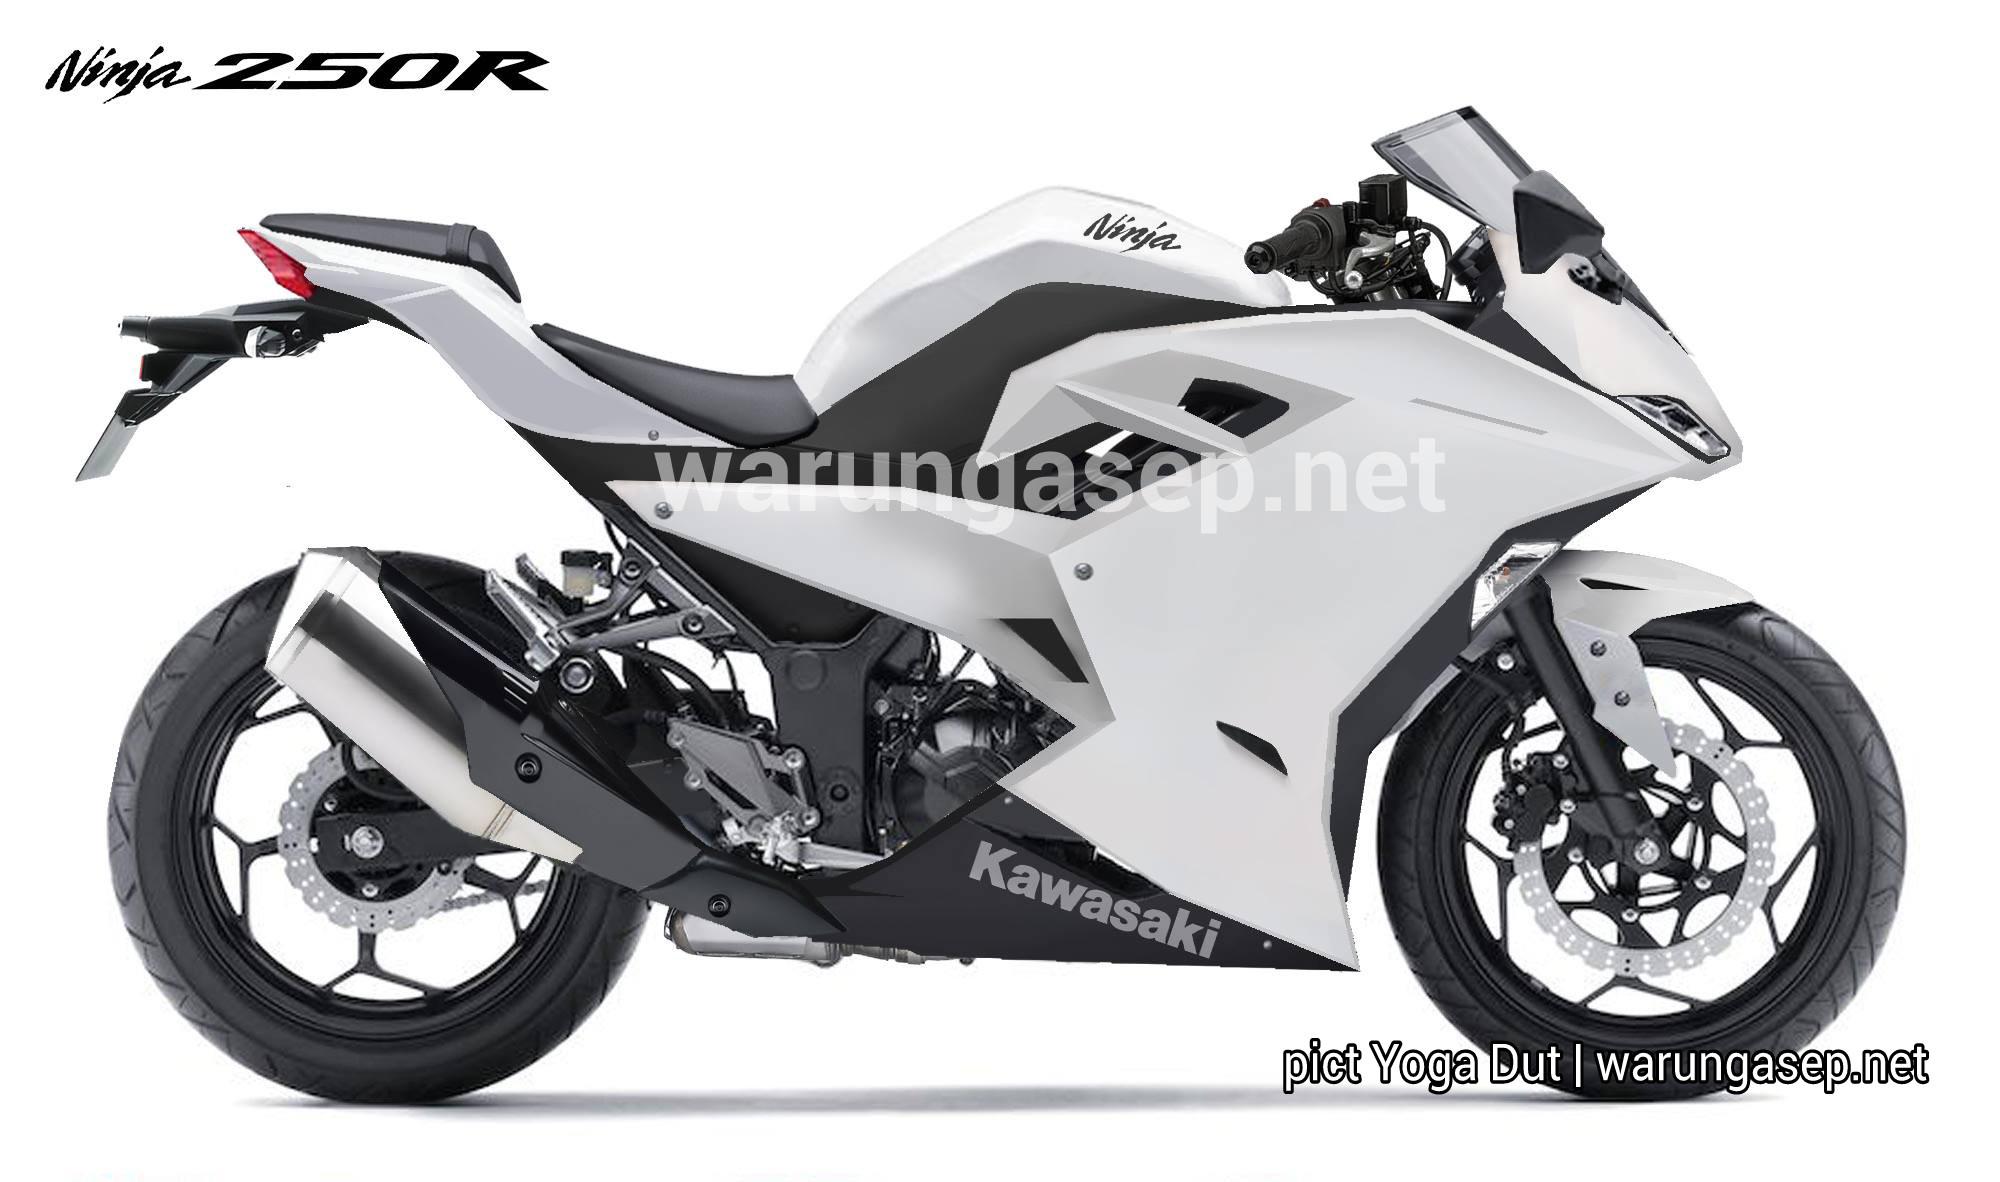 Kawasaki Ninja 250r Atau Zx 25r Seperti Inikah Gambar Jelasnya